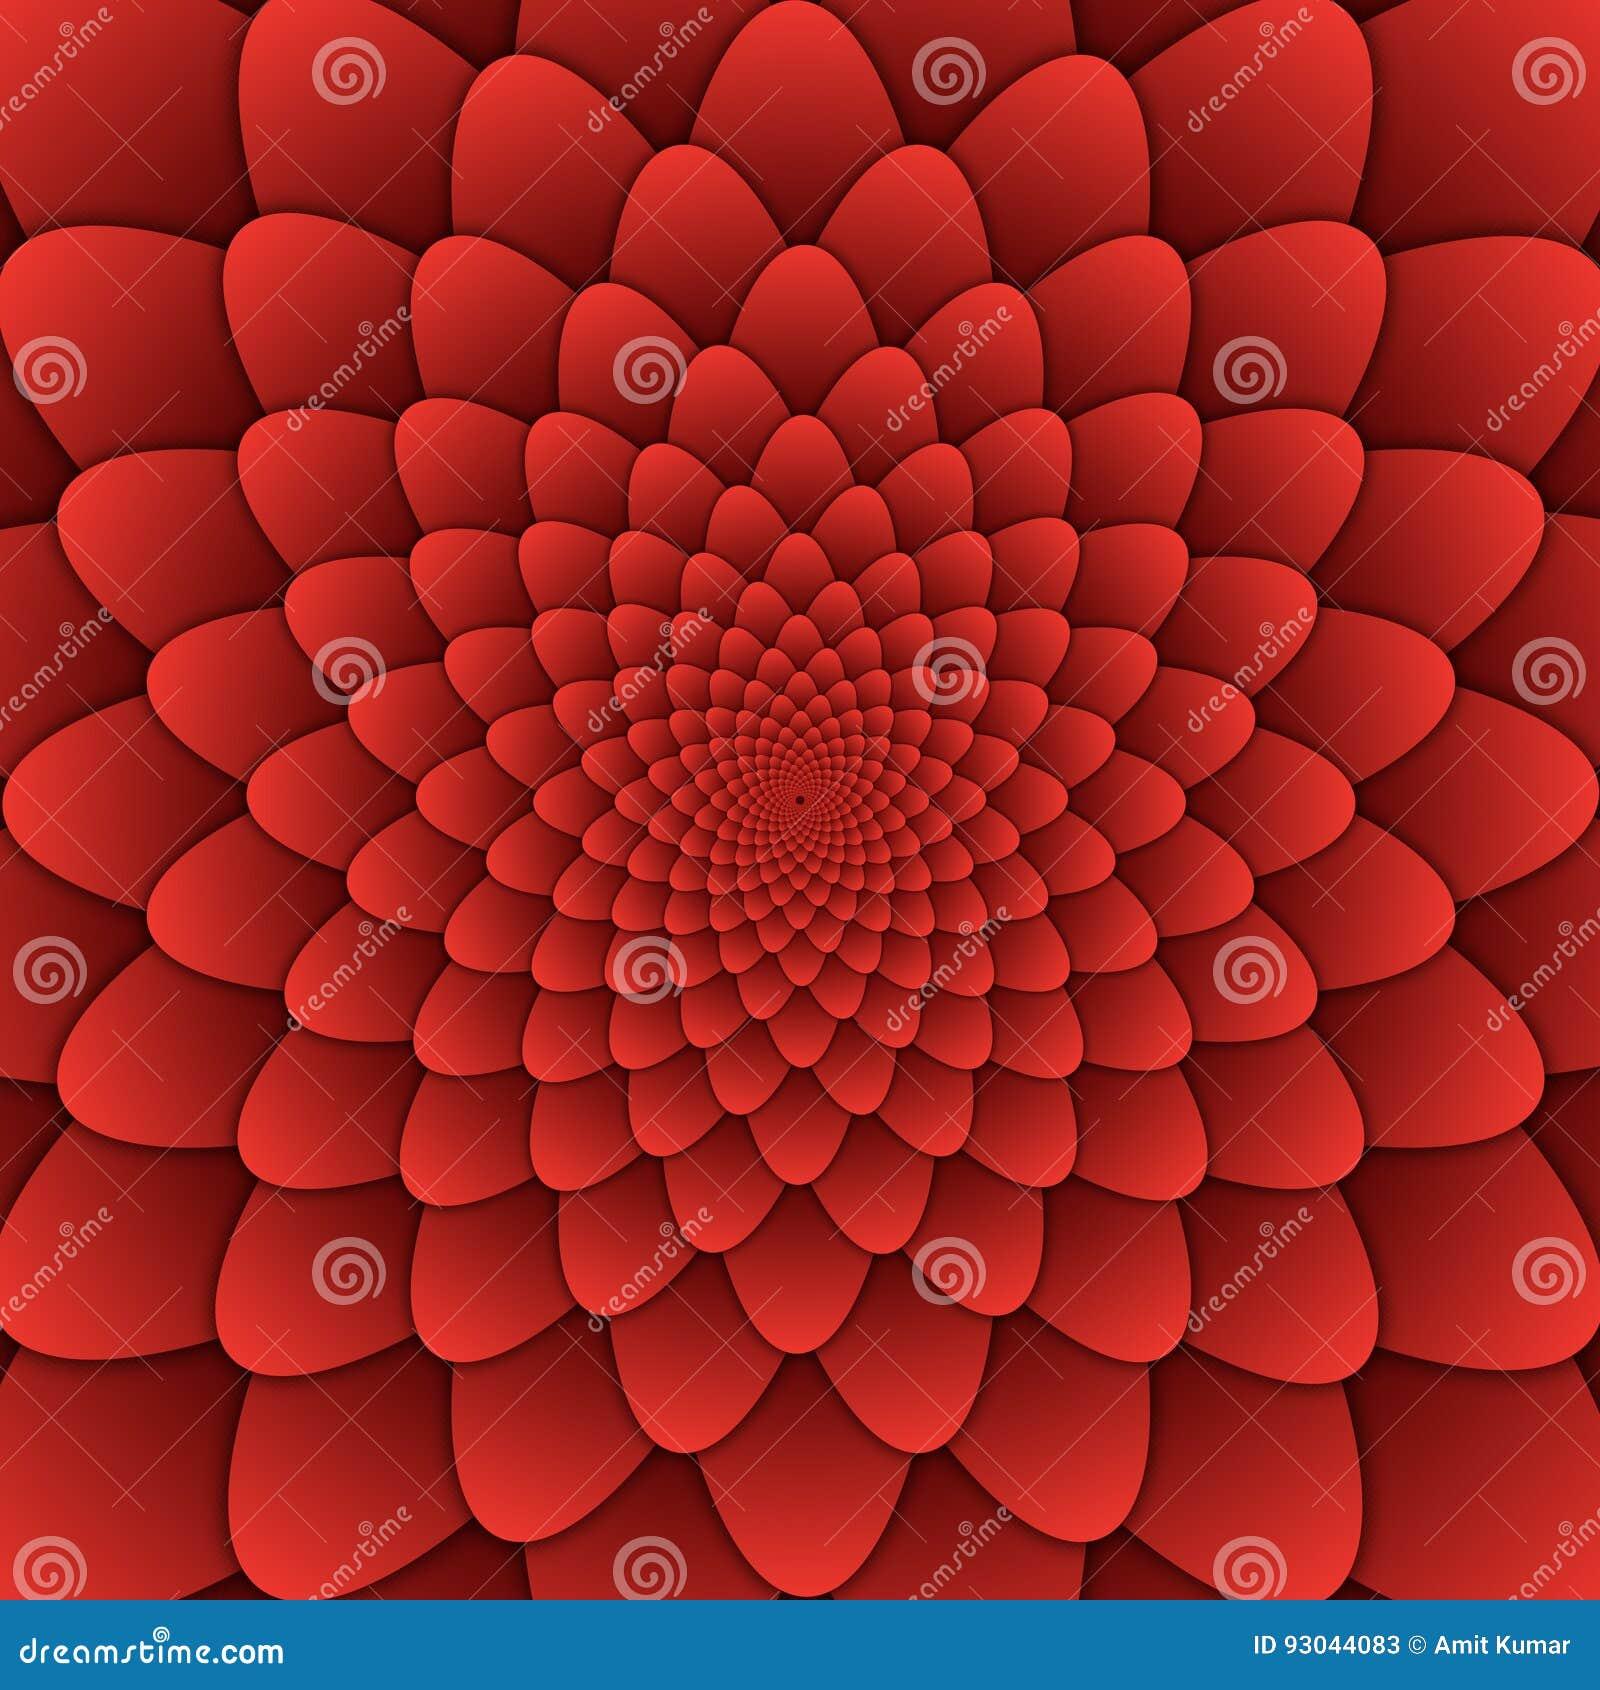 Παραίσθησης τέχνης αφηρημένο λουλουδιών mandala διακοσμητικό τετράγωνο υποβάθρου σχεδίων κόκκινο